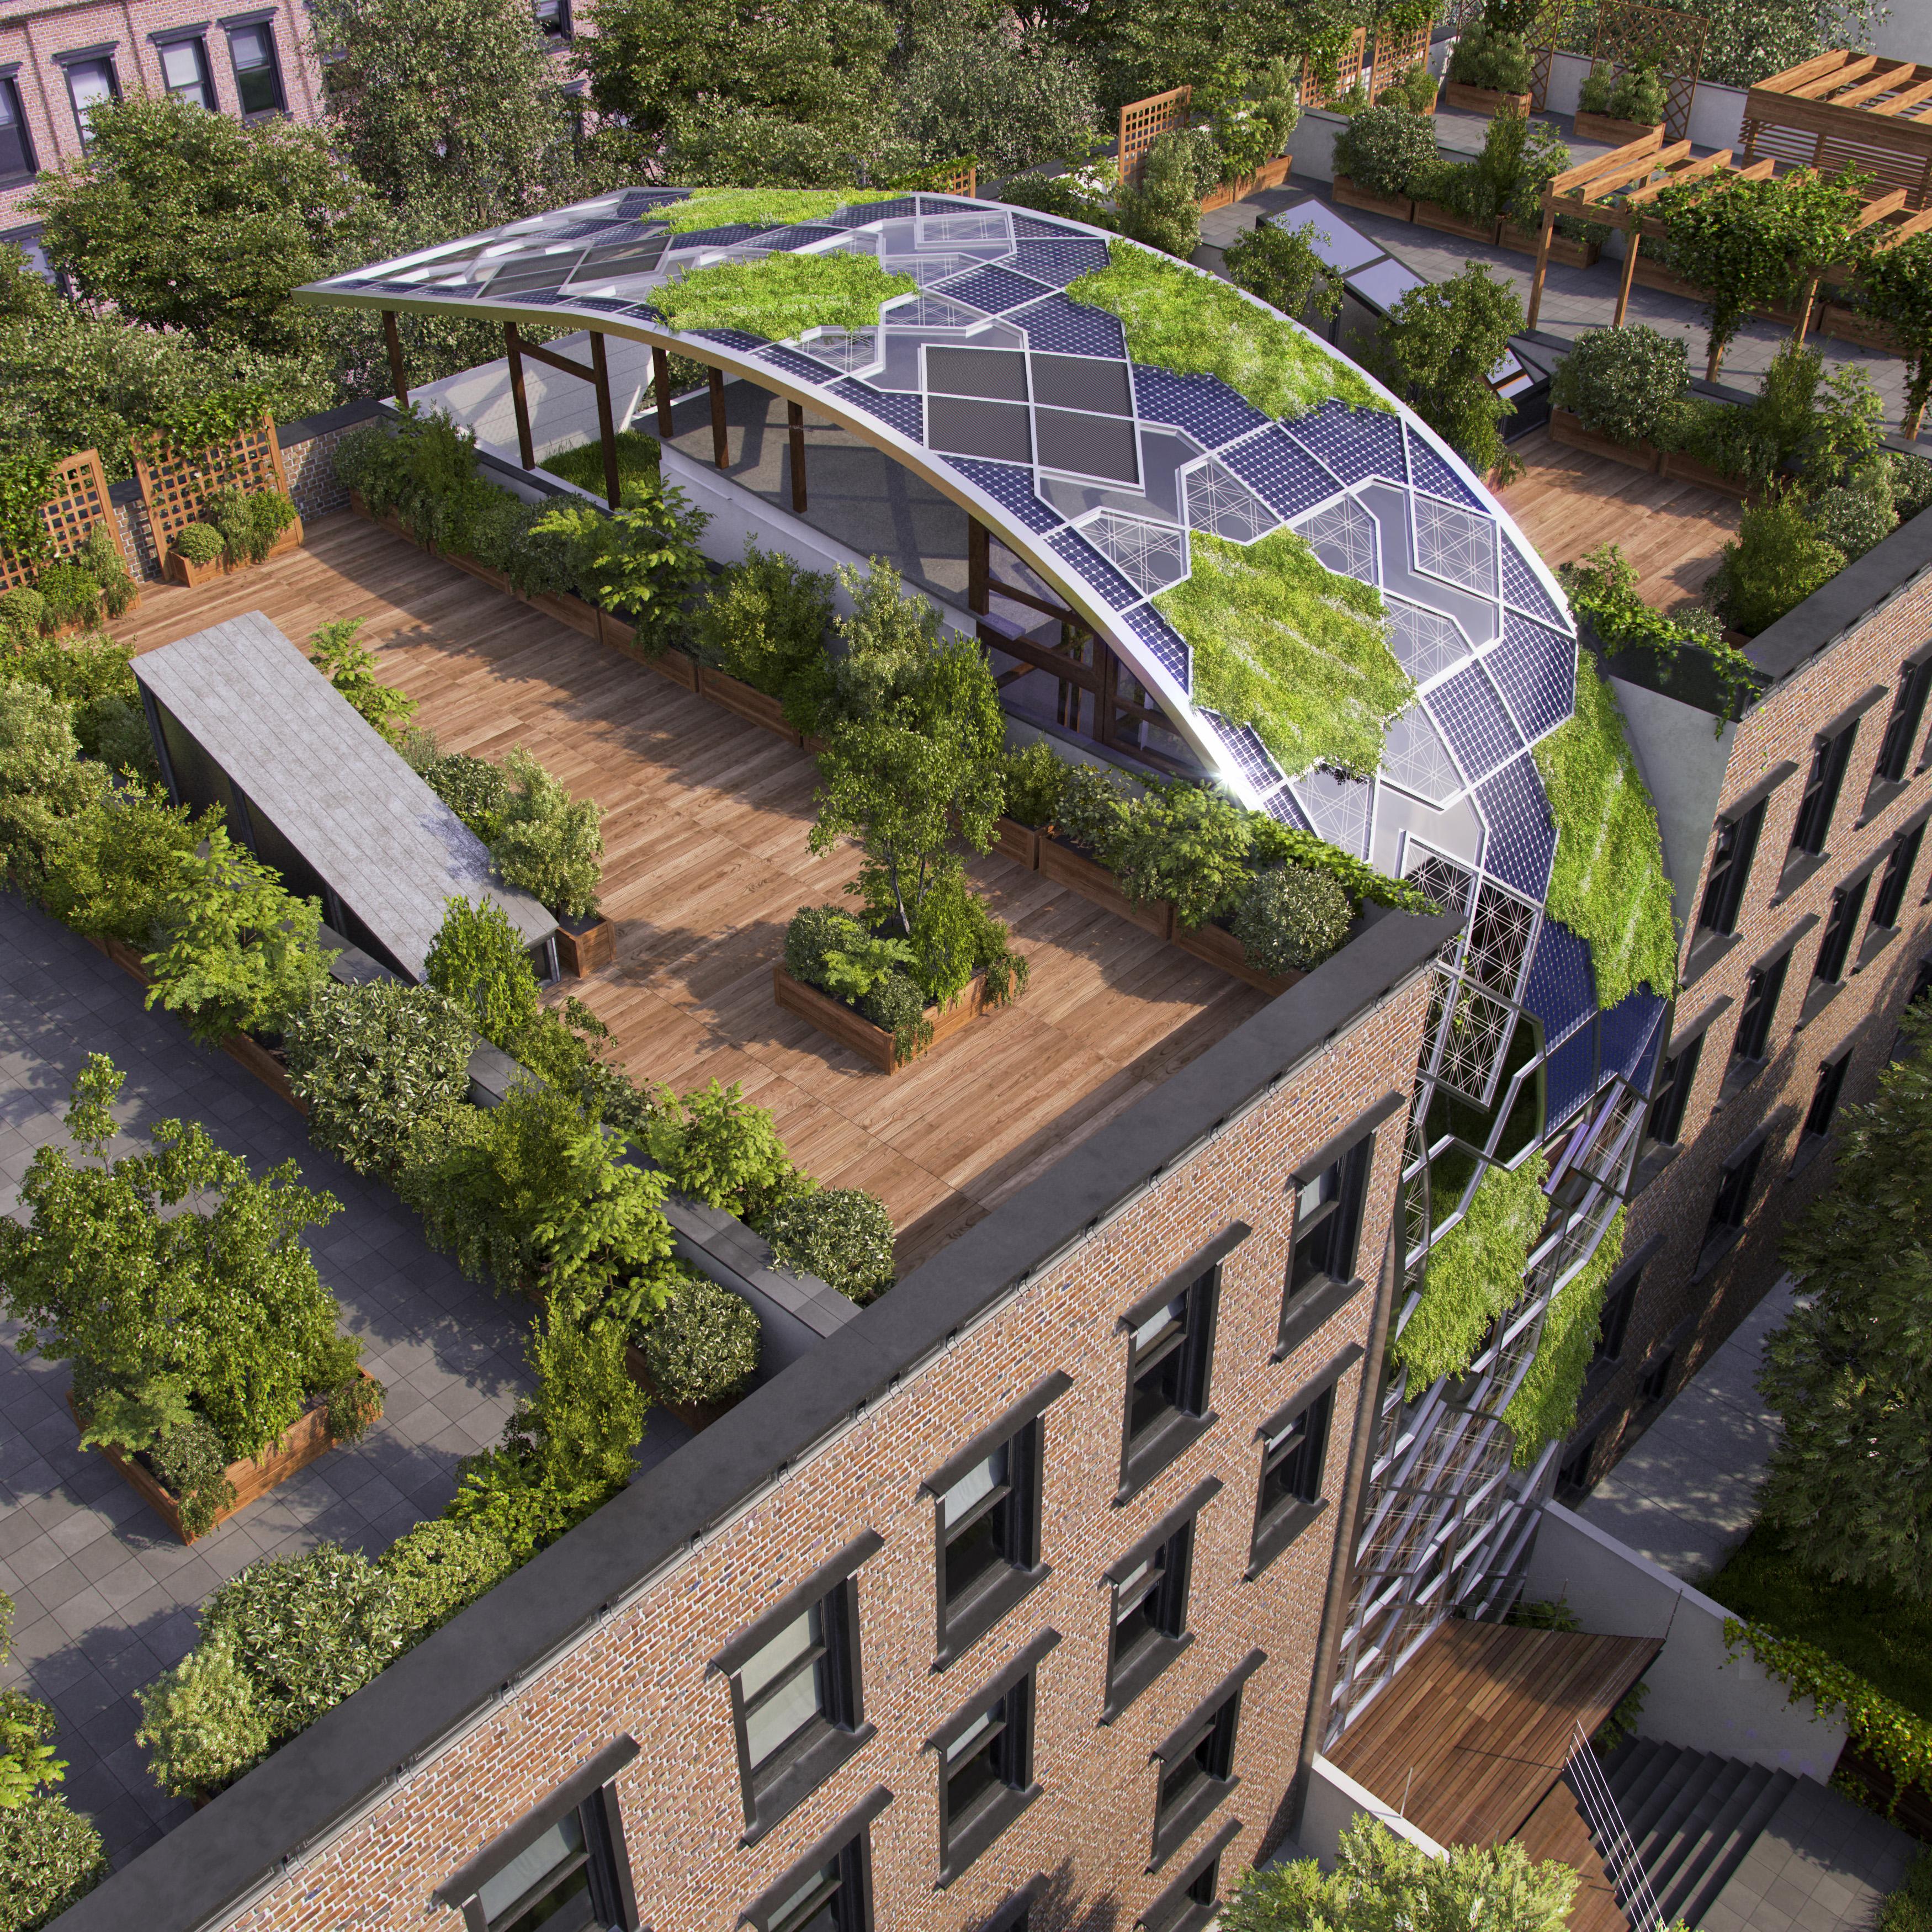 2015. green castle eco-house for cator sparks - luis de garrido